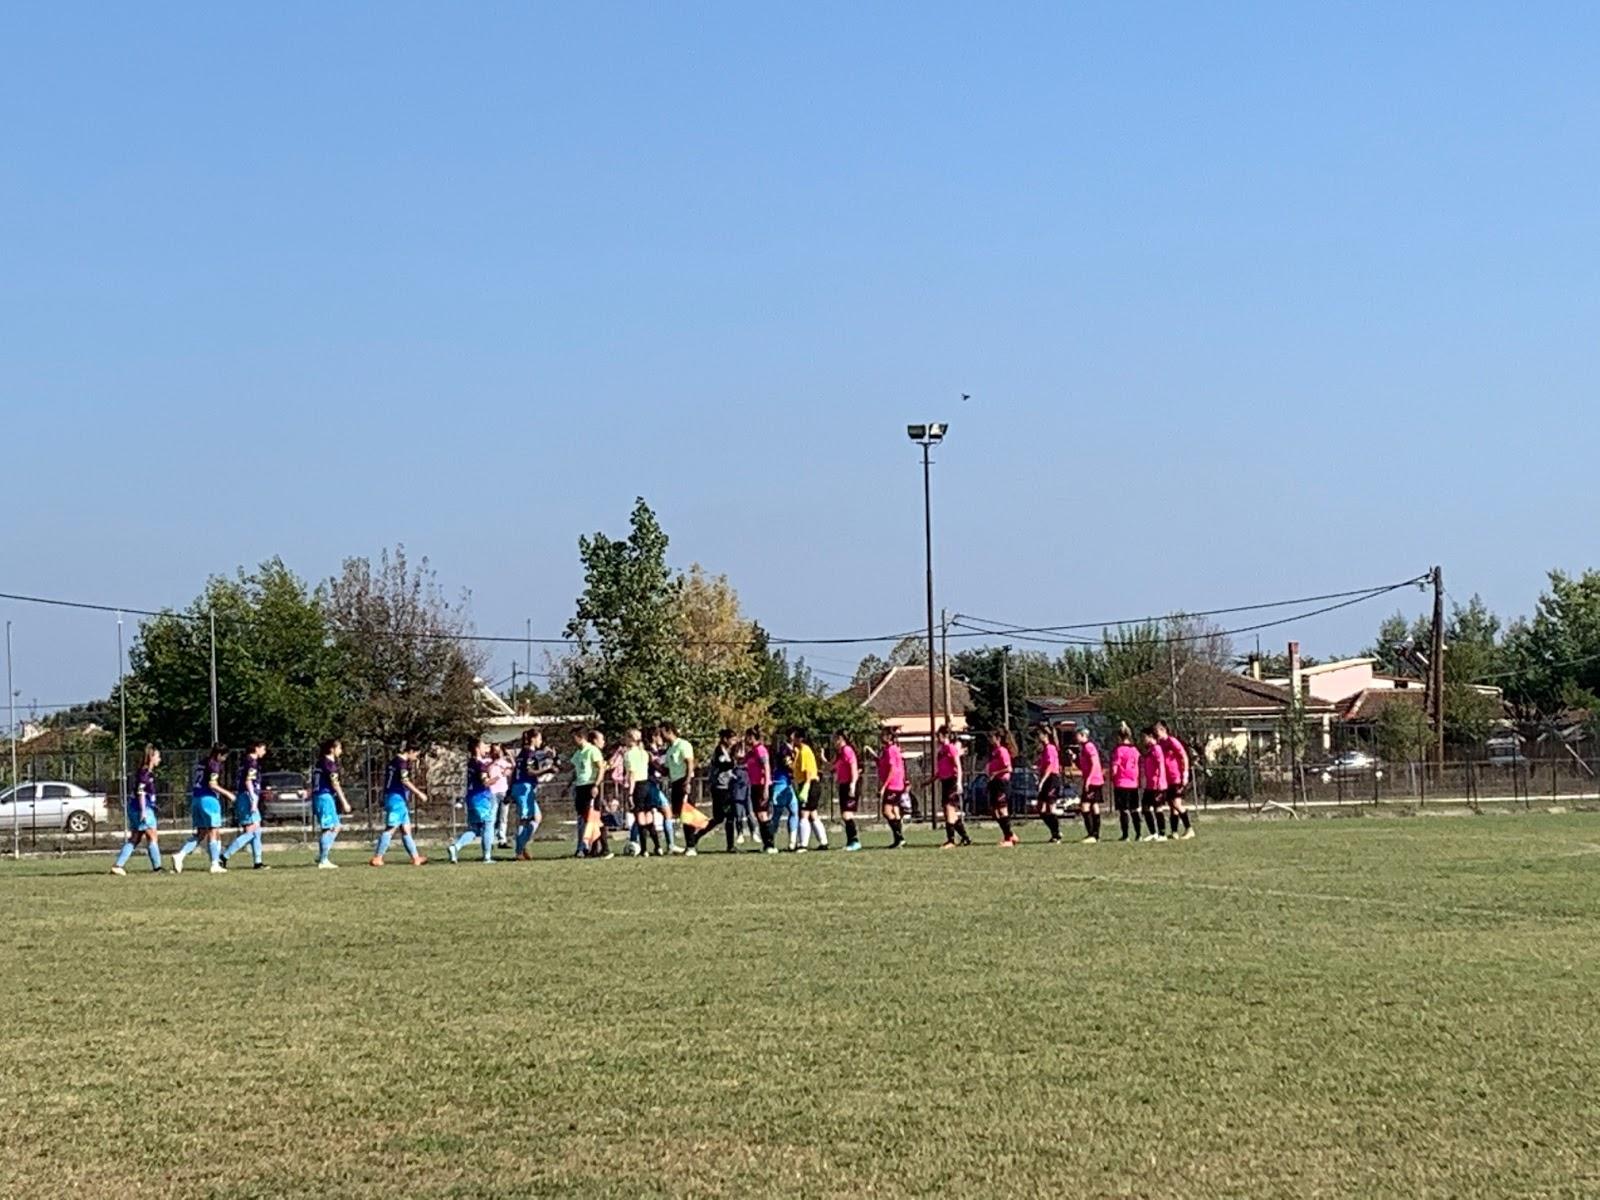 Ήττα για την ΓΙΑΝΝΕΝΑ WFC με 1-0 στην Καρδίτσα